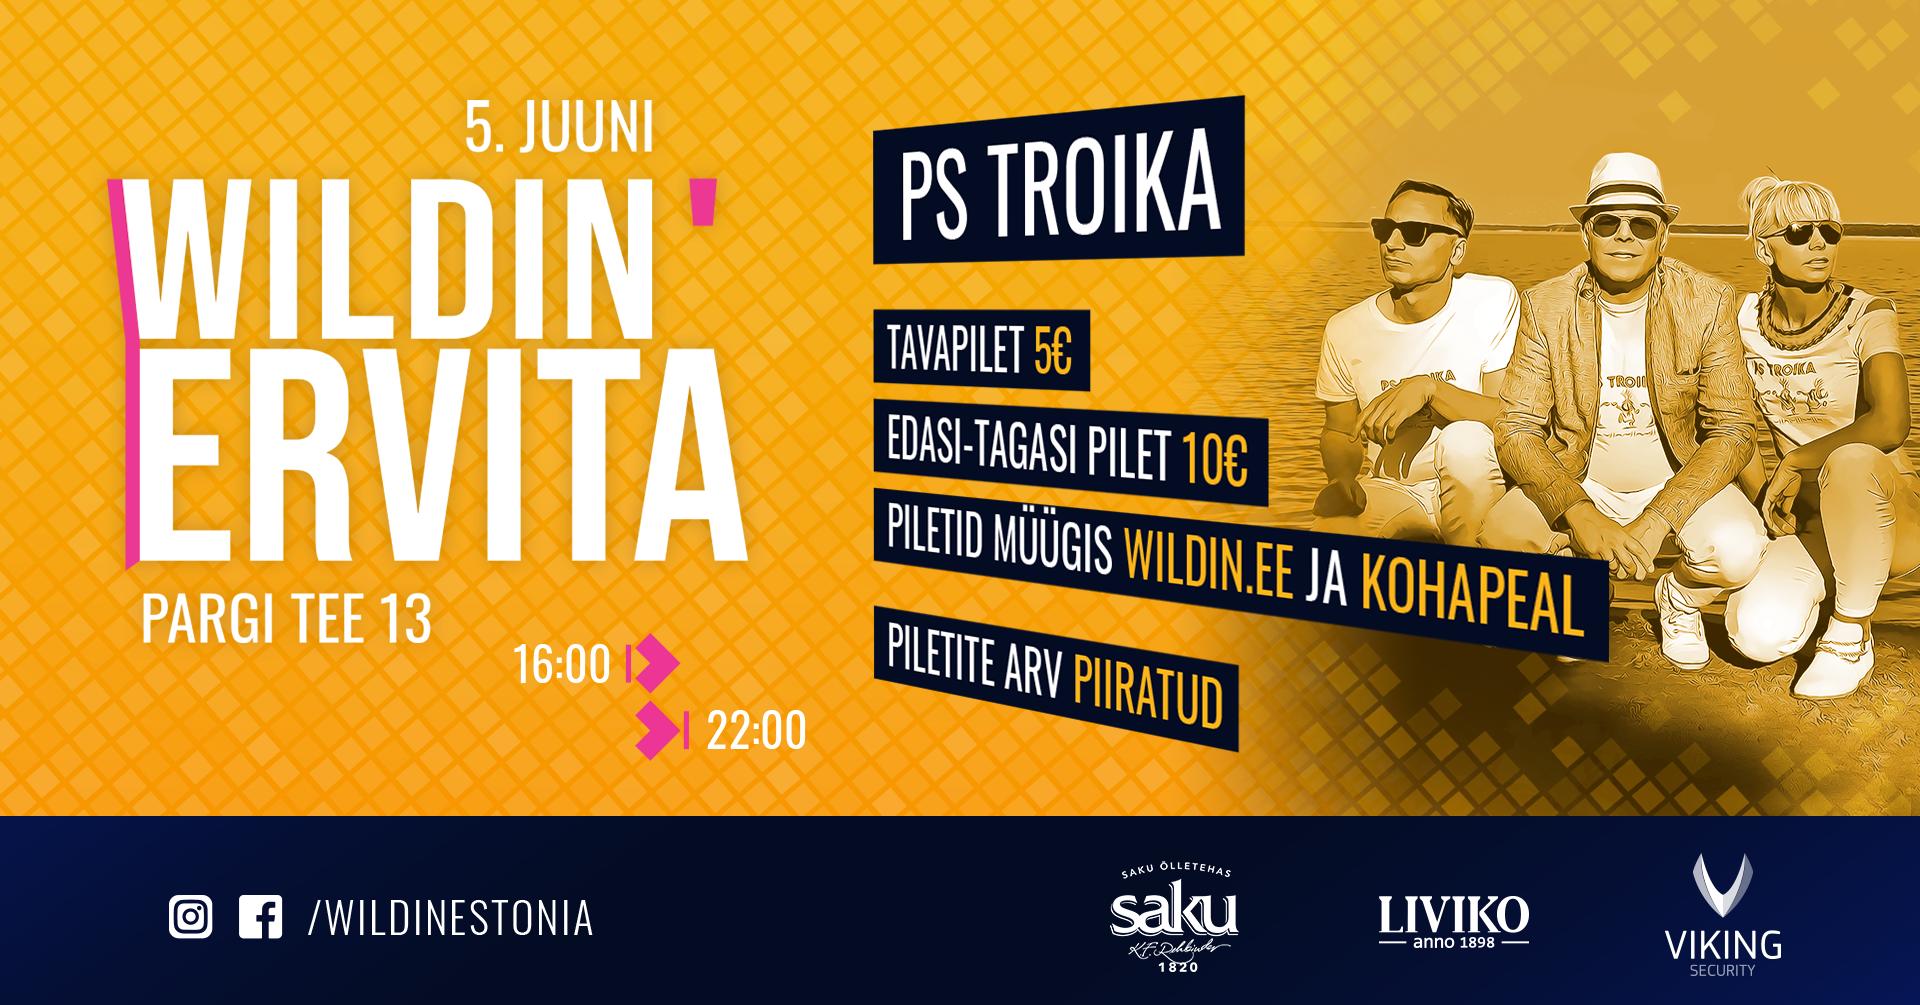 Wildin' Ervita // PS Troika // 05.06